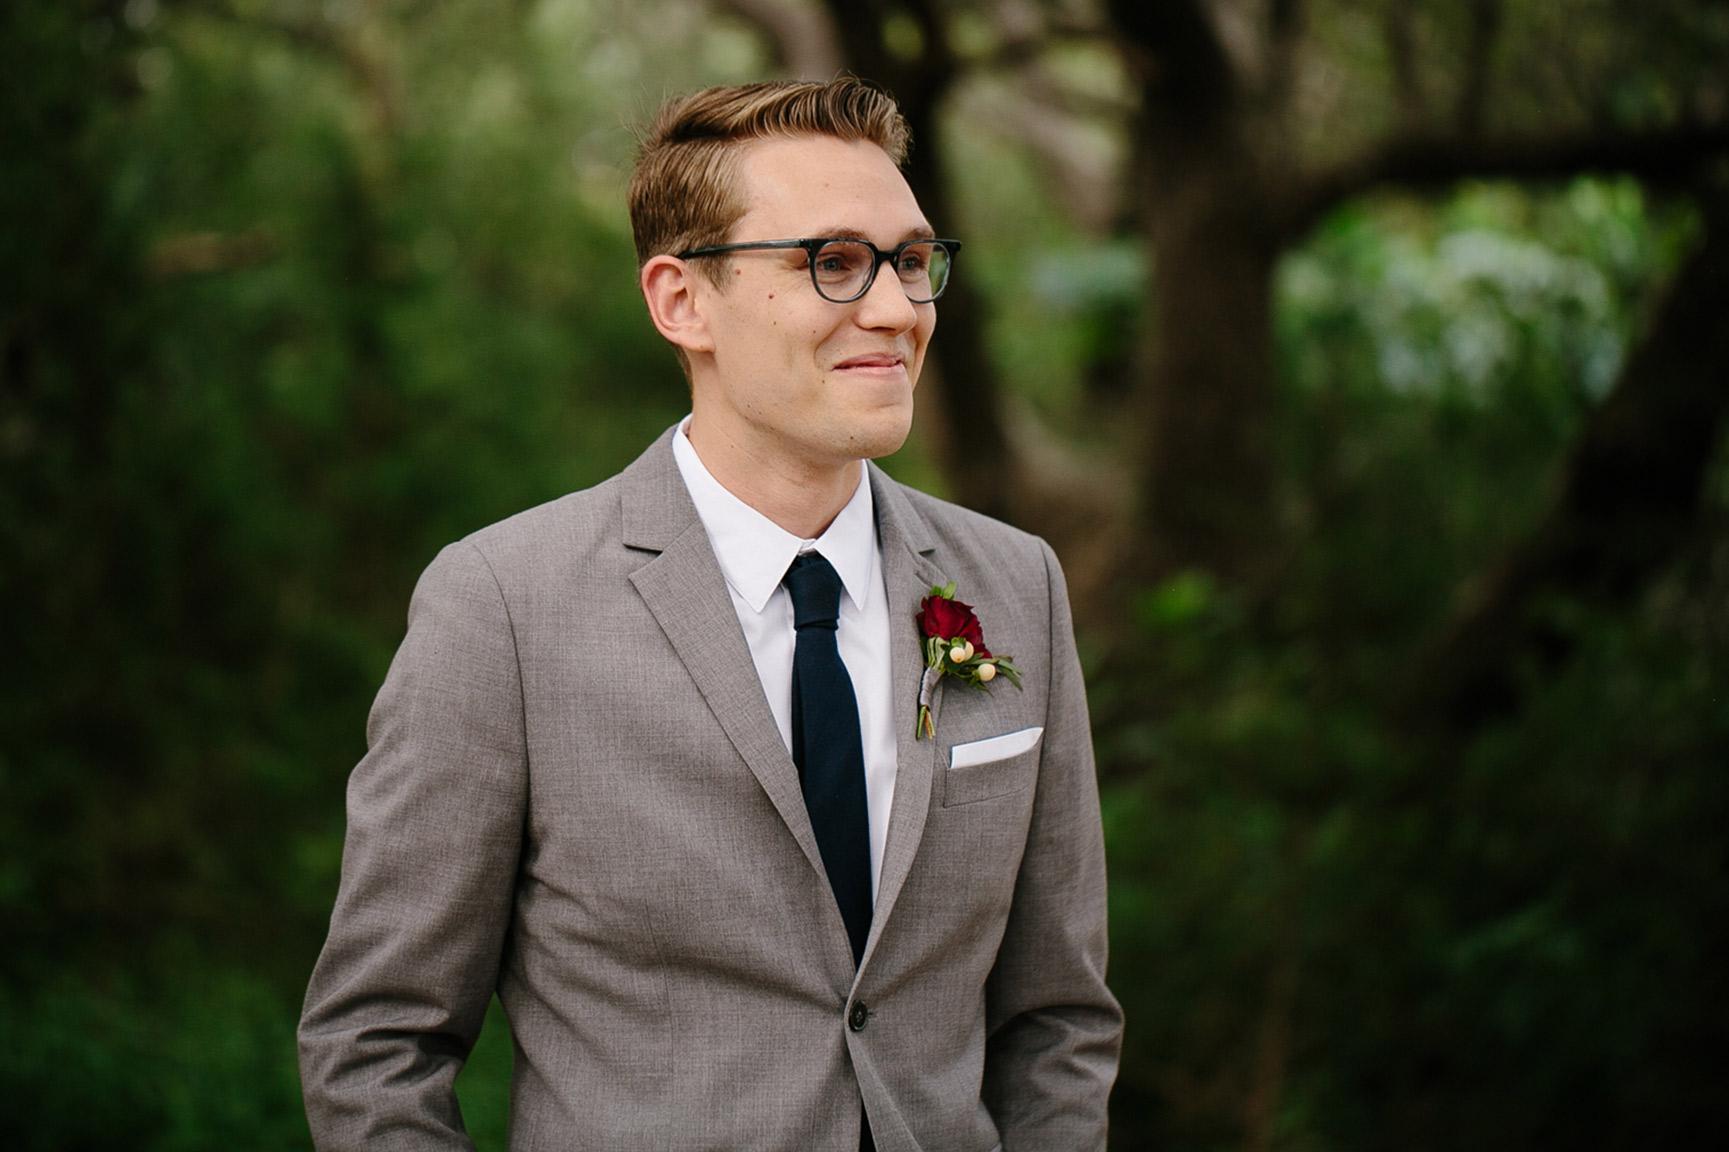 Austin_WeddingPhotographerWARRWEDDING018.jpg